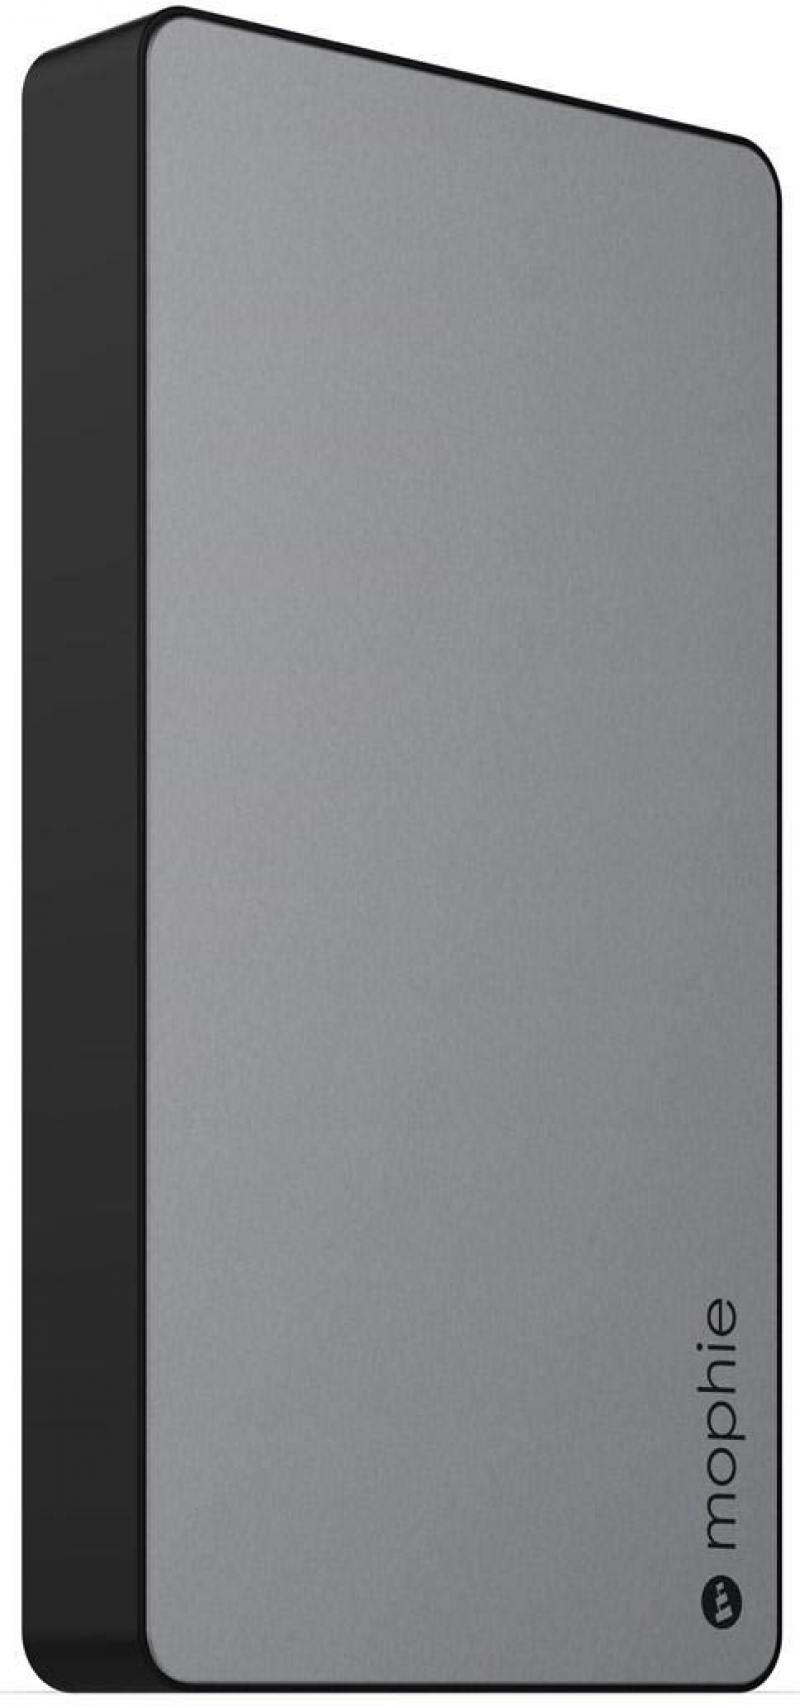 Портативное зарядное устройство Mophie PowerStation XL 10000мАч серый 3562 портативное зарядное устройство cactus cs pbas283 10000мач черный серый